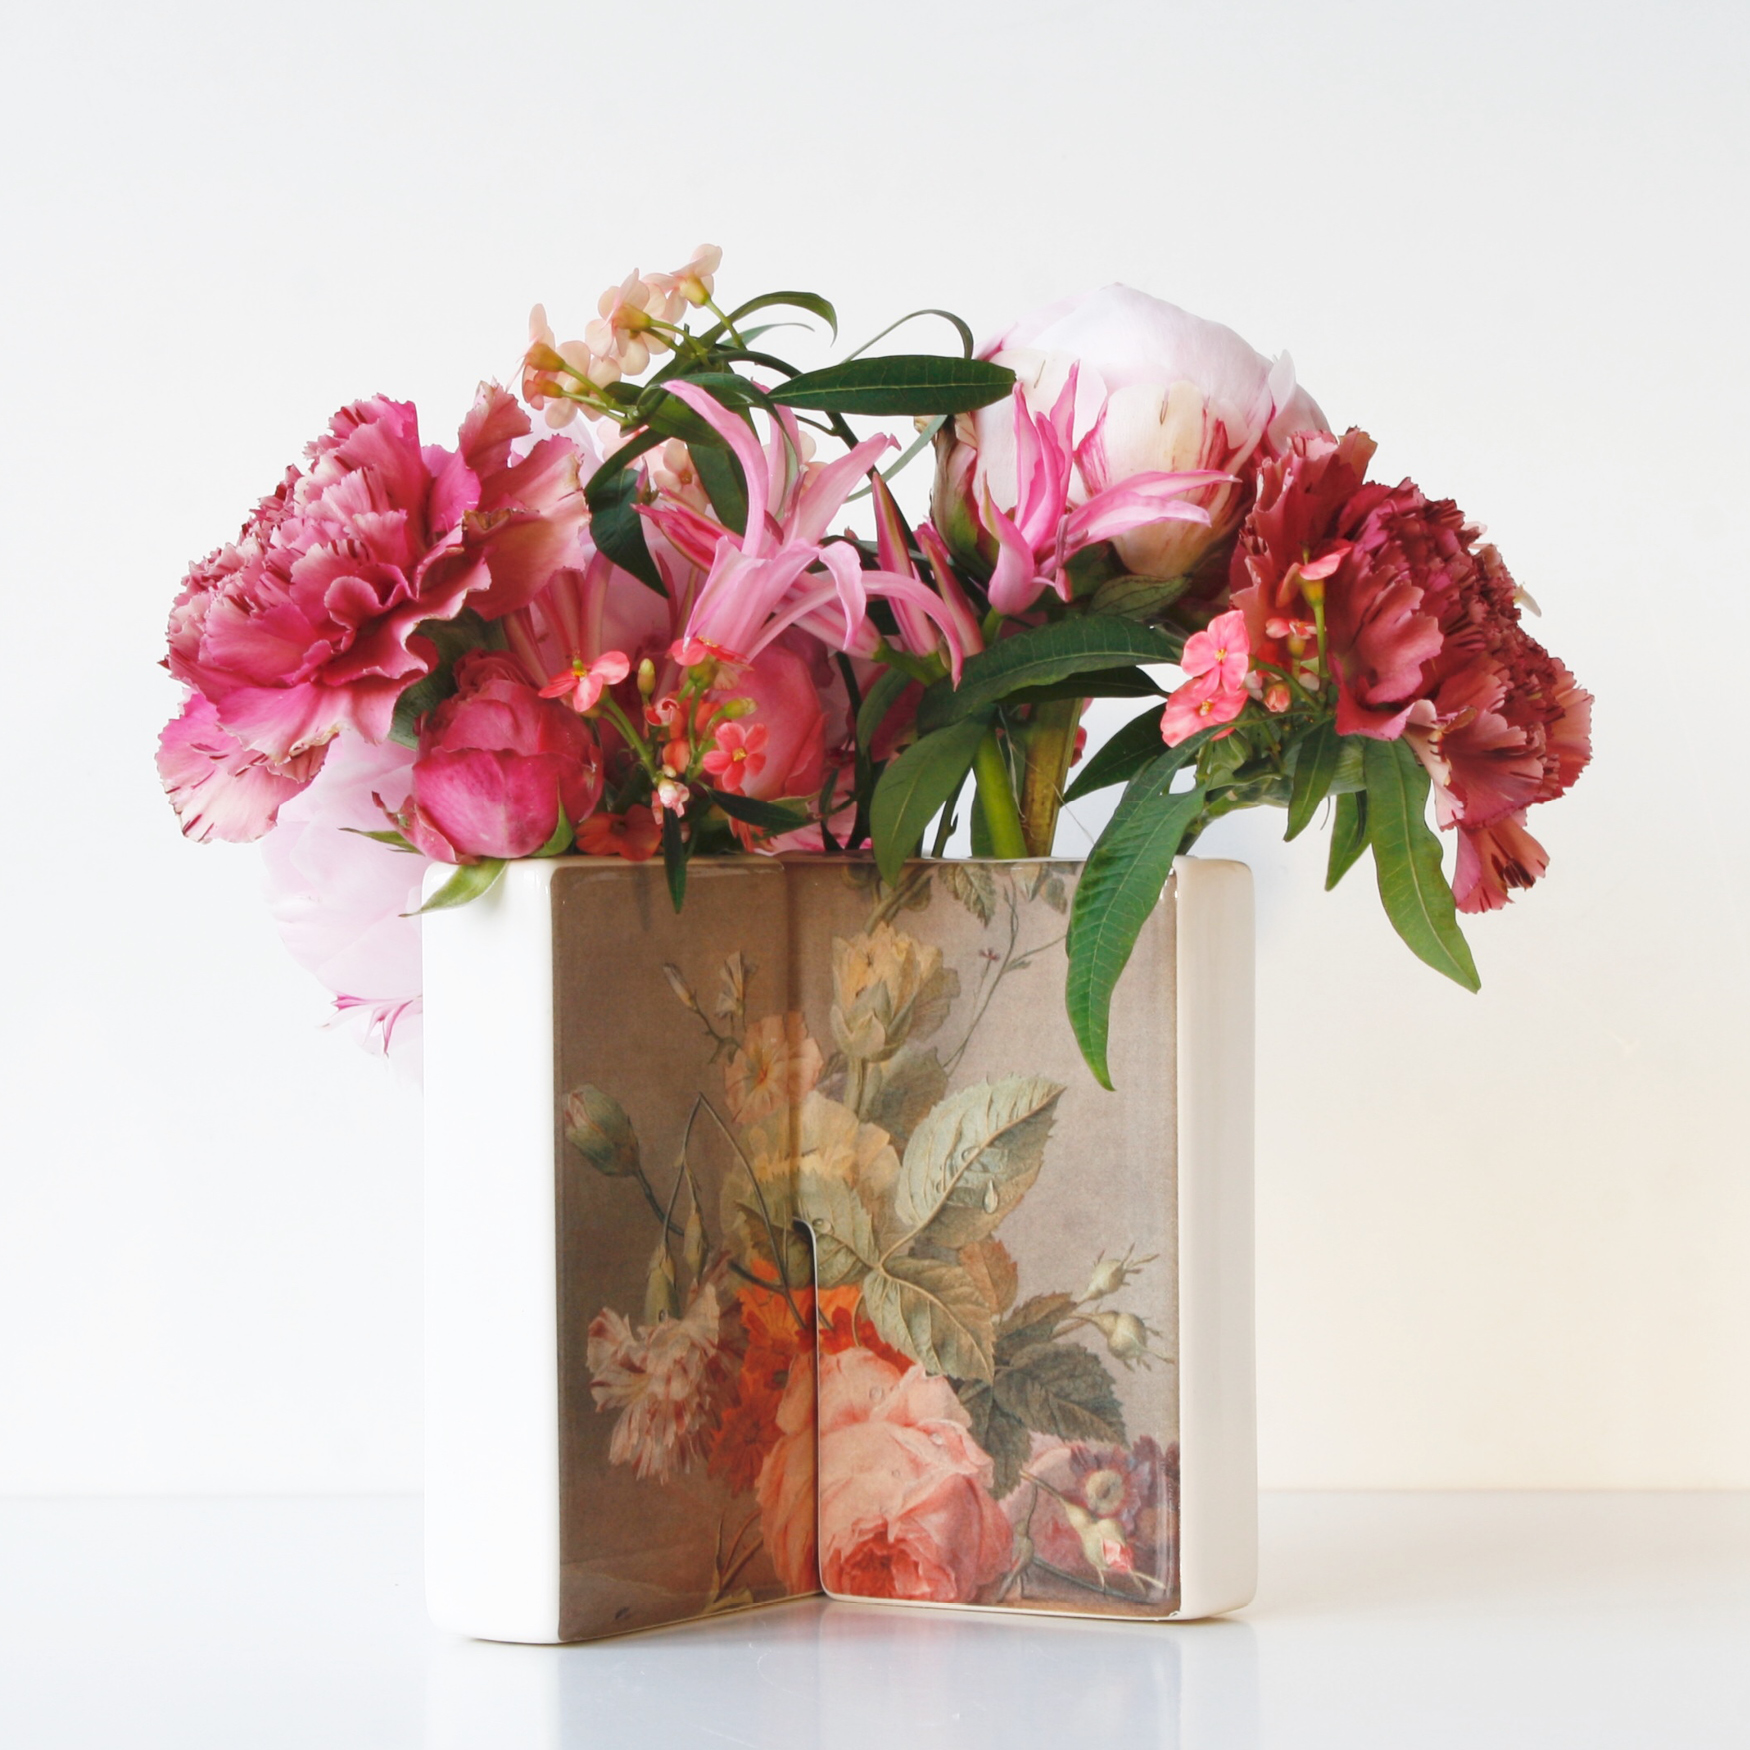 Dianthus-Flowers-Gallery-Vases-1902-11.jpg